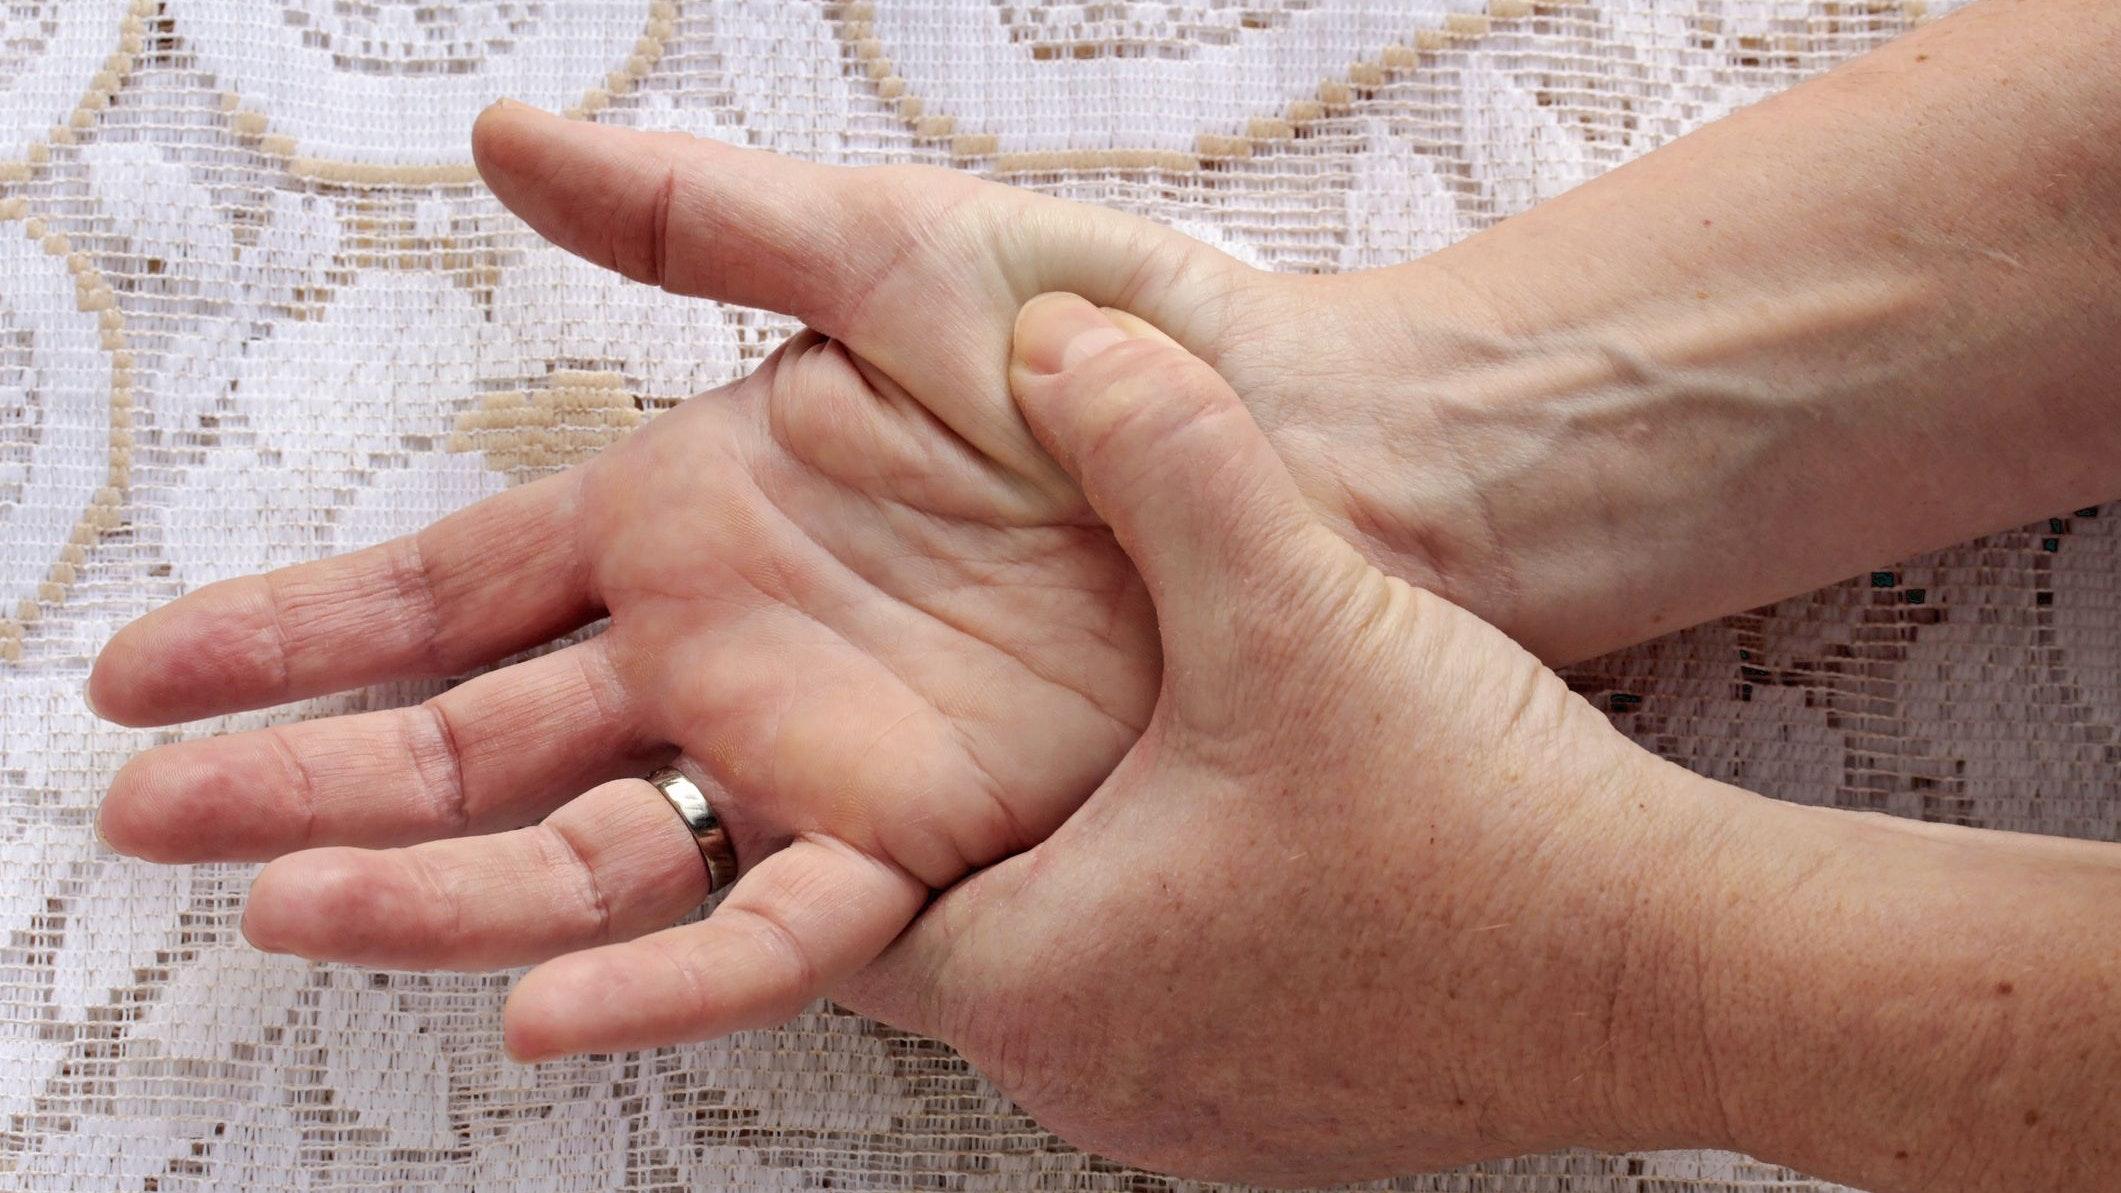 Flourishing Rheumatoid Arthritis Hand Surgeon Houston